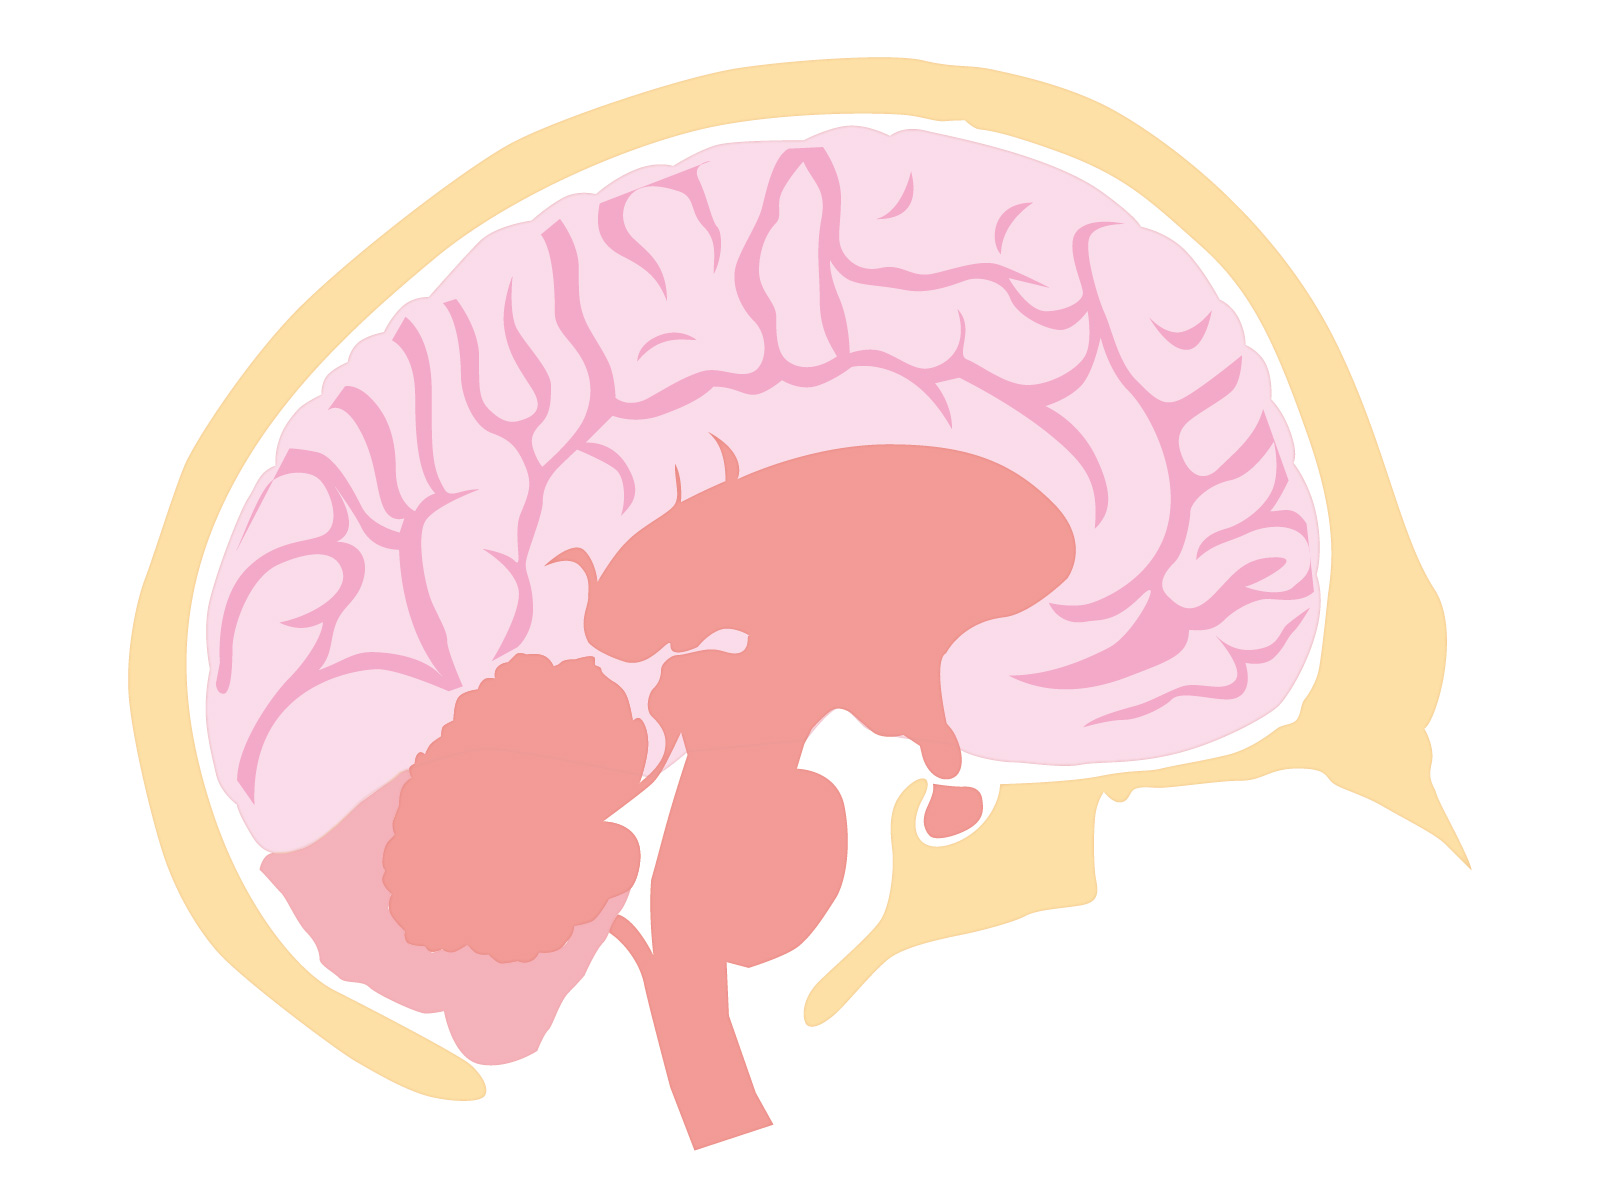 脳血管性認知症の症状と特徴について